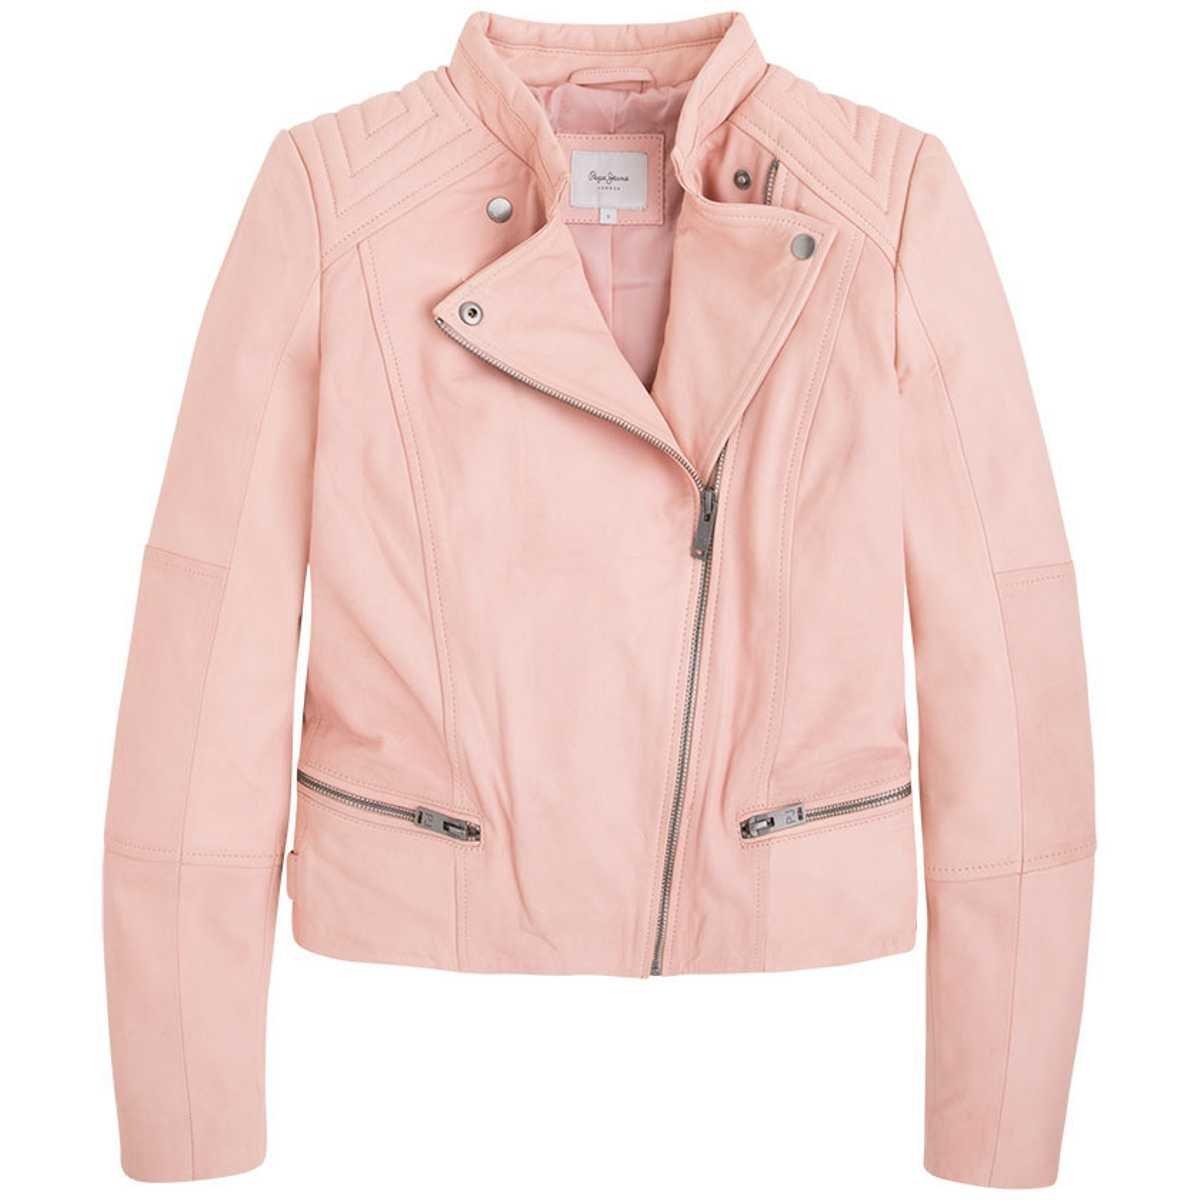 Pepe Jeans London, Lederjacke ABBI Powder Pink, Größe XS